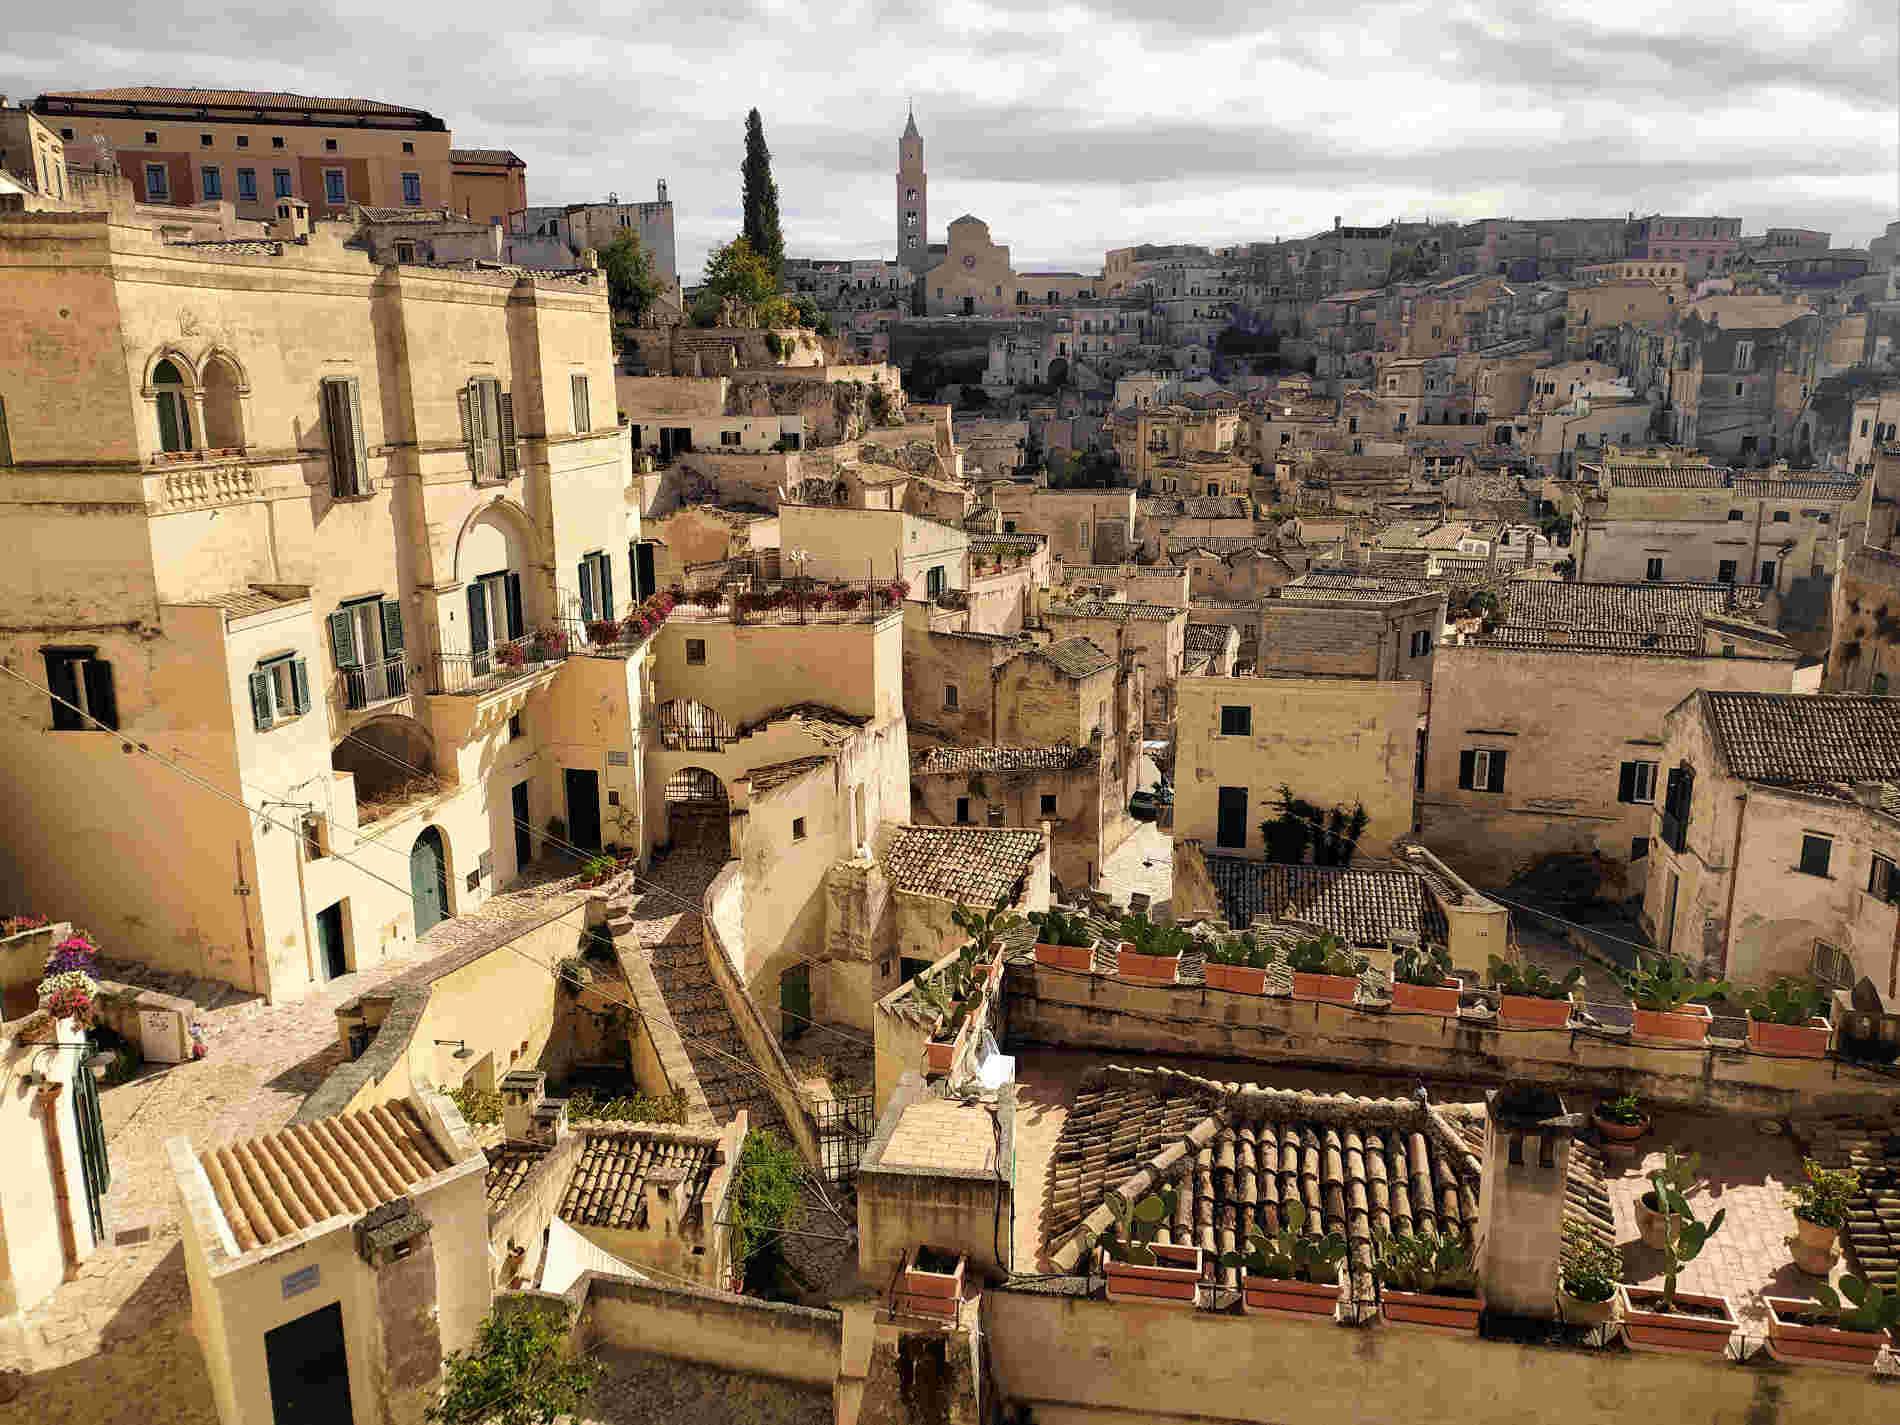 Panorama sul Sasso Barisano a Matera città dei Sassi e delle Acque